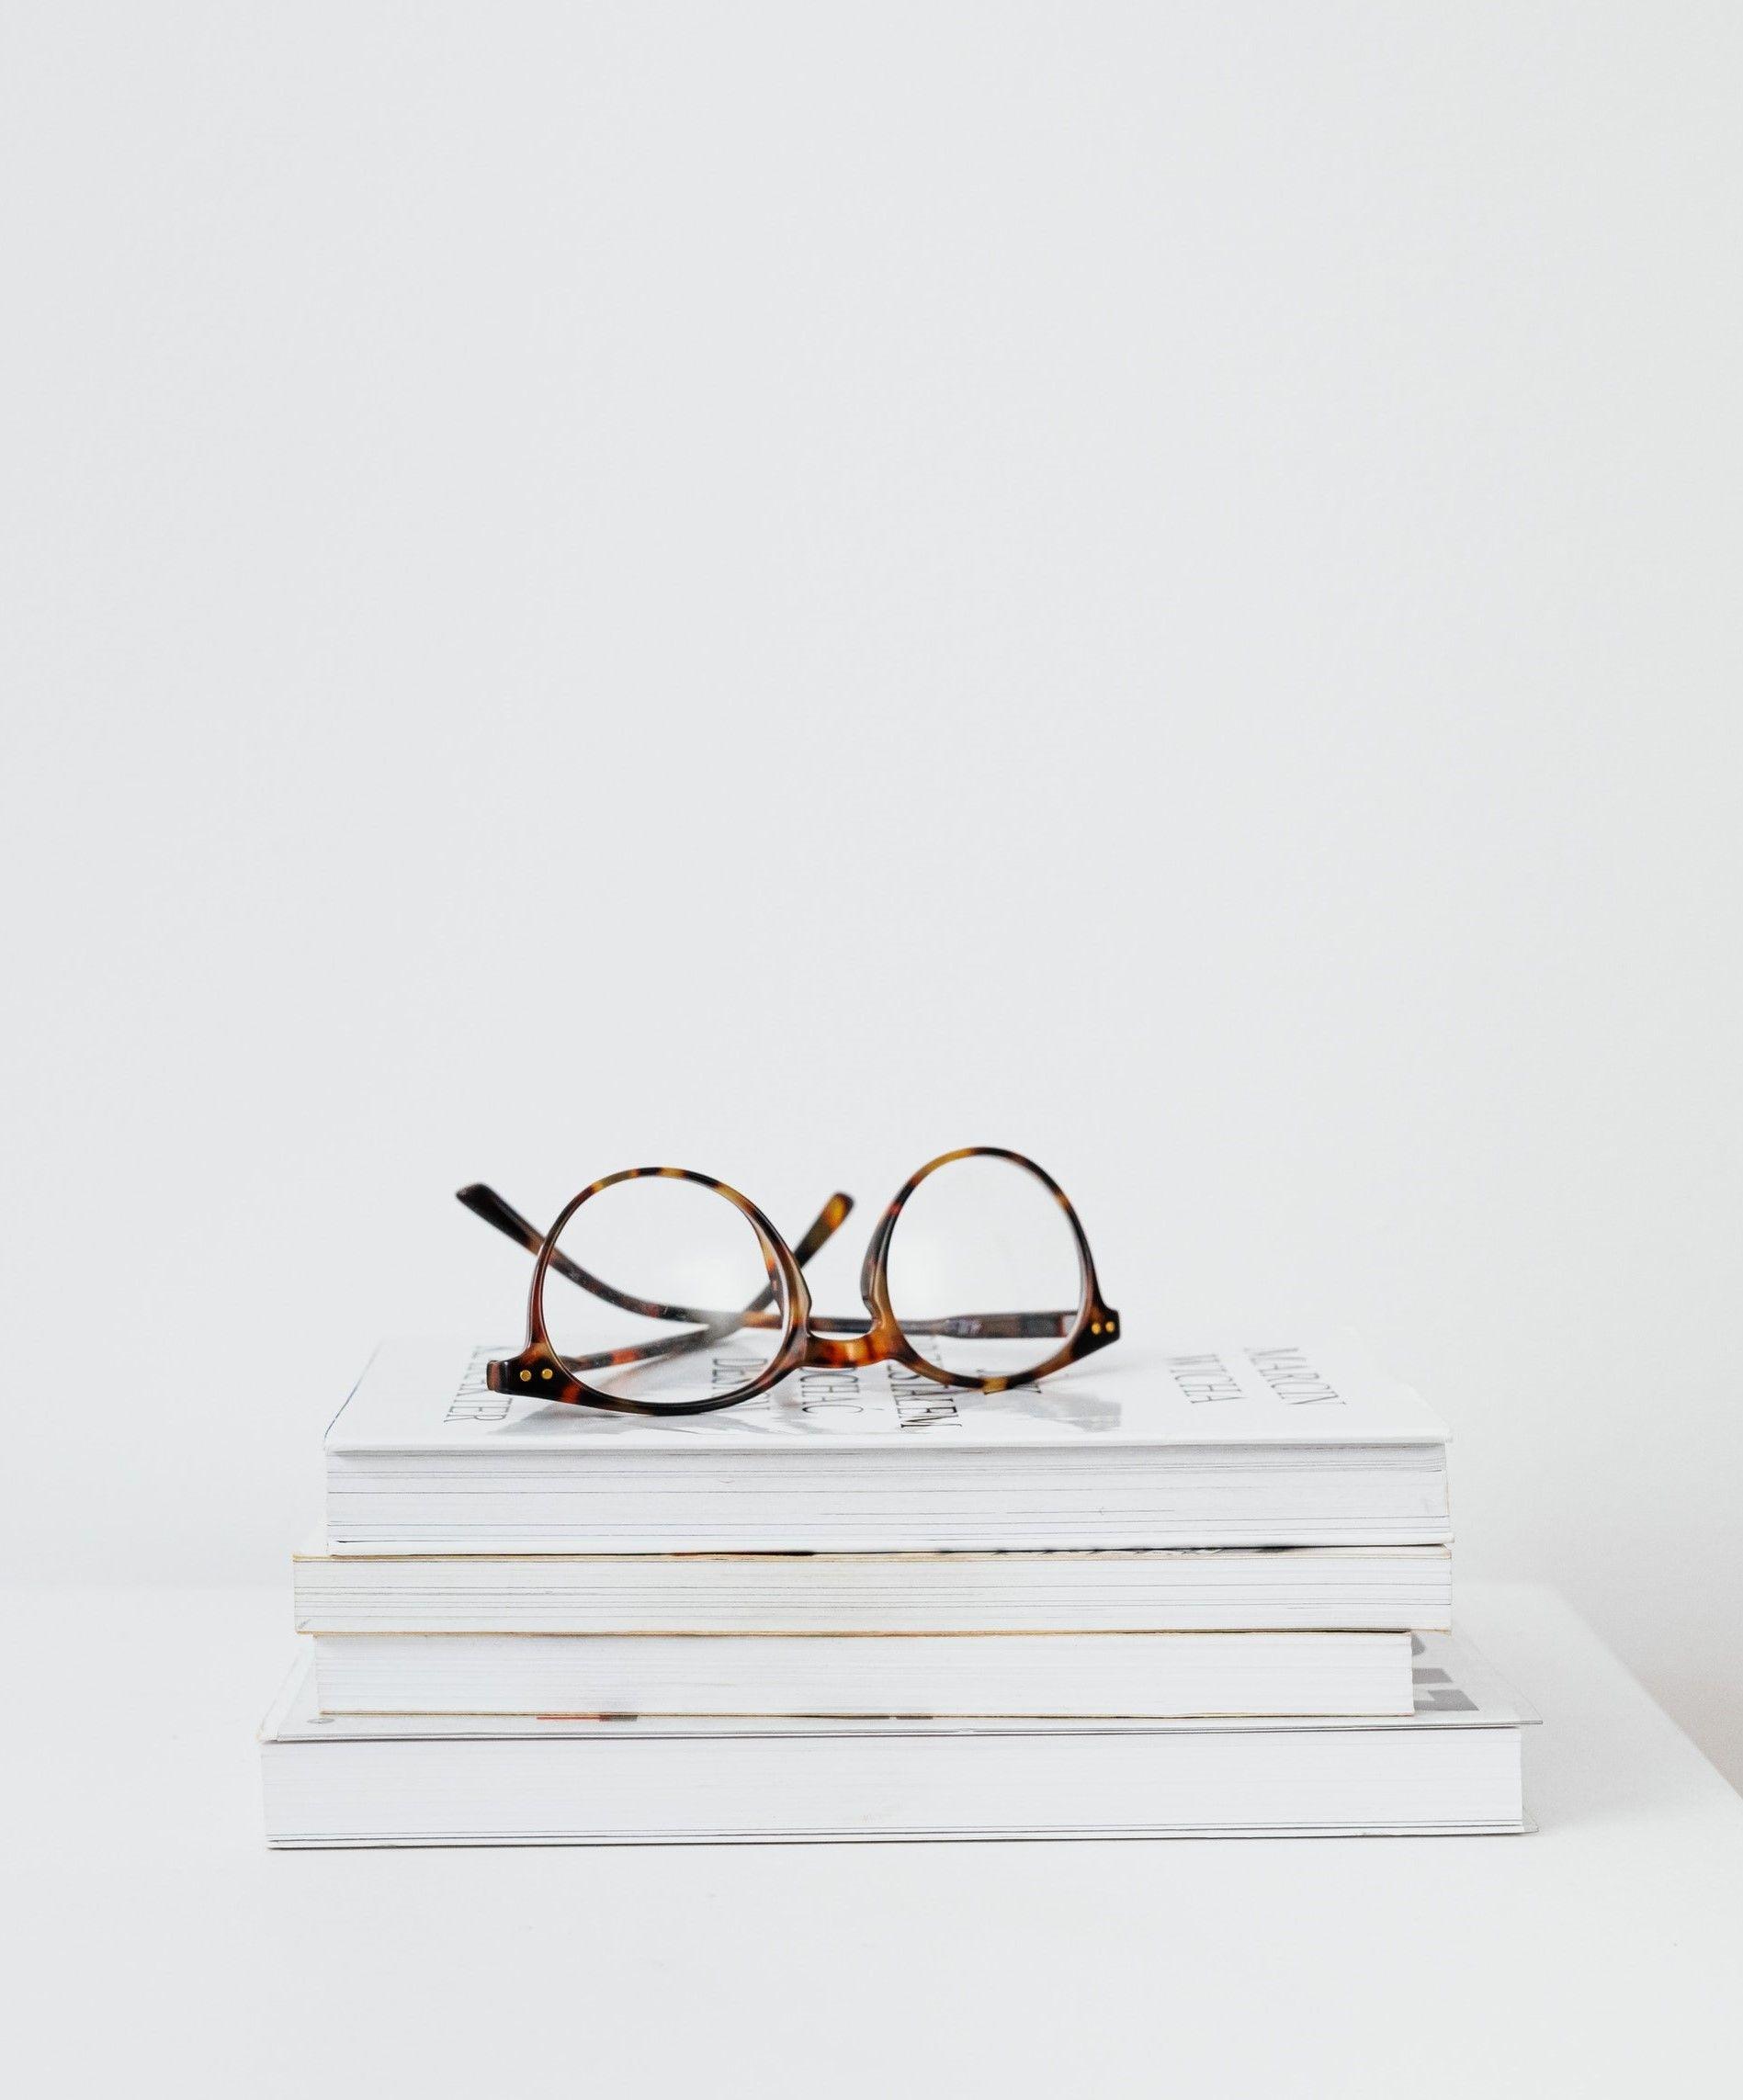 На изображение книги на которых лежат очки